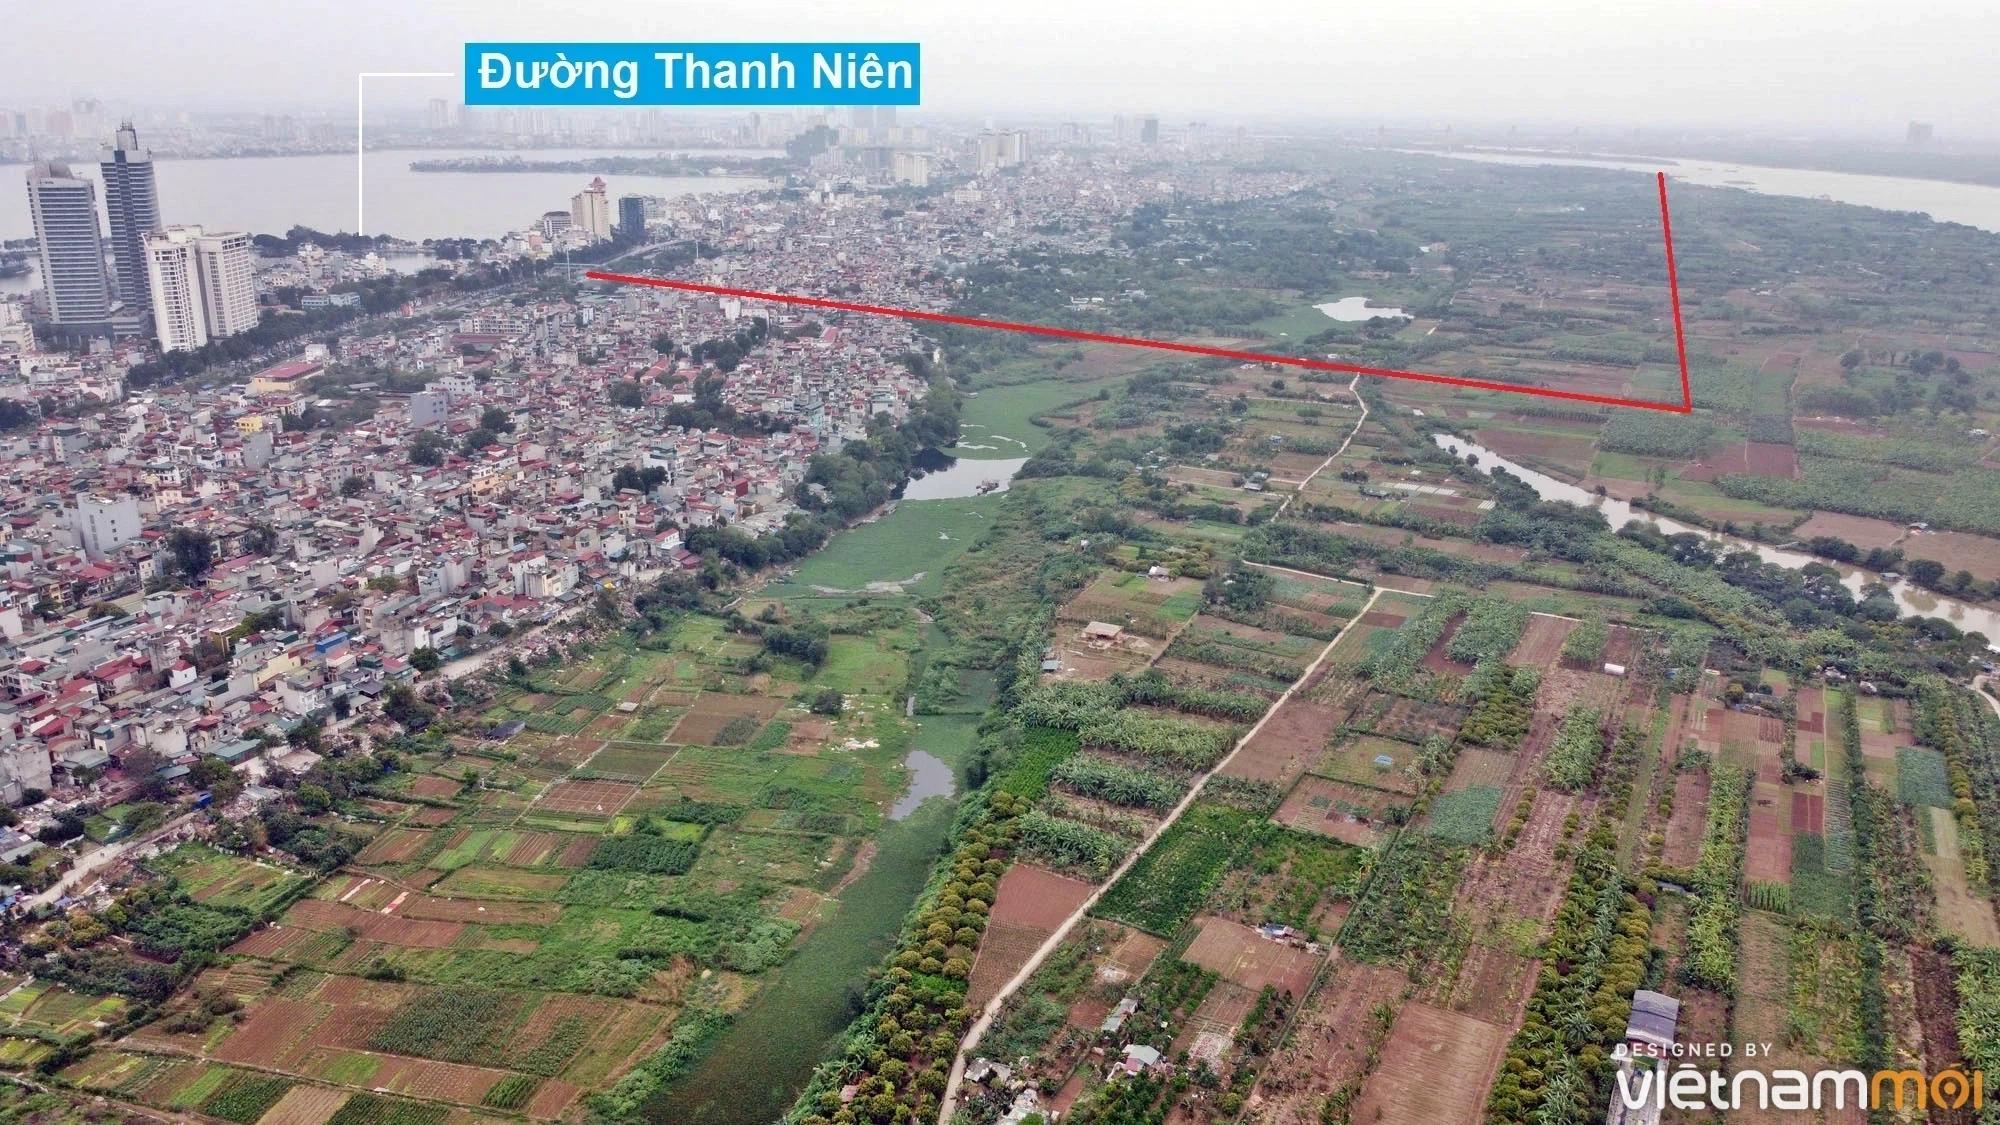 Toàn cảnh hiện trạng Phân khu đô thị sông Hồng trên địa bàn quận Tây Hồ - Ảnh 28.